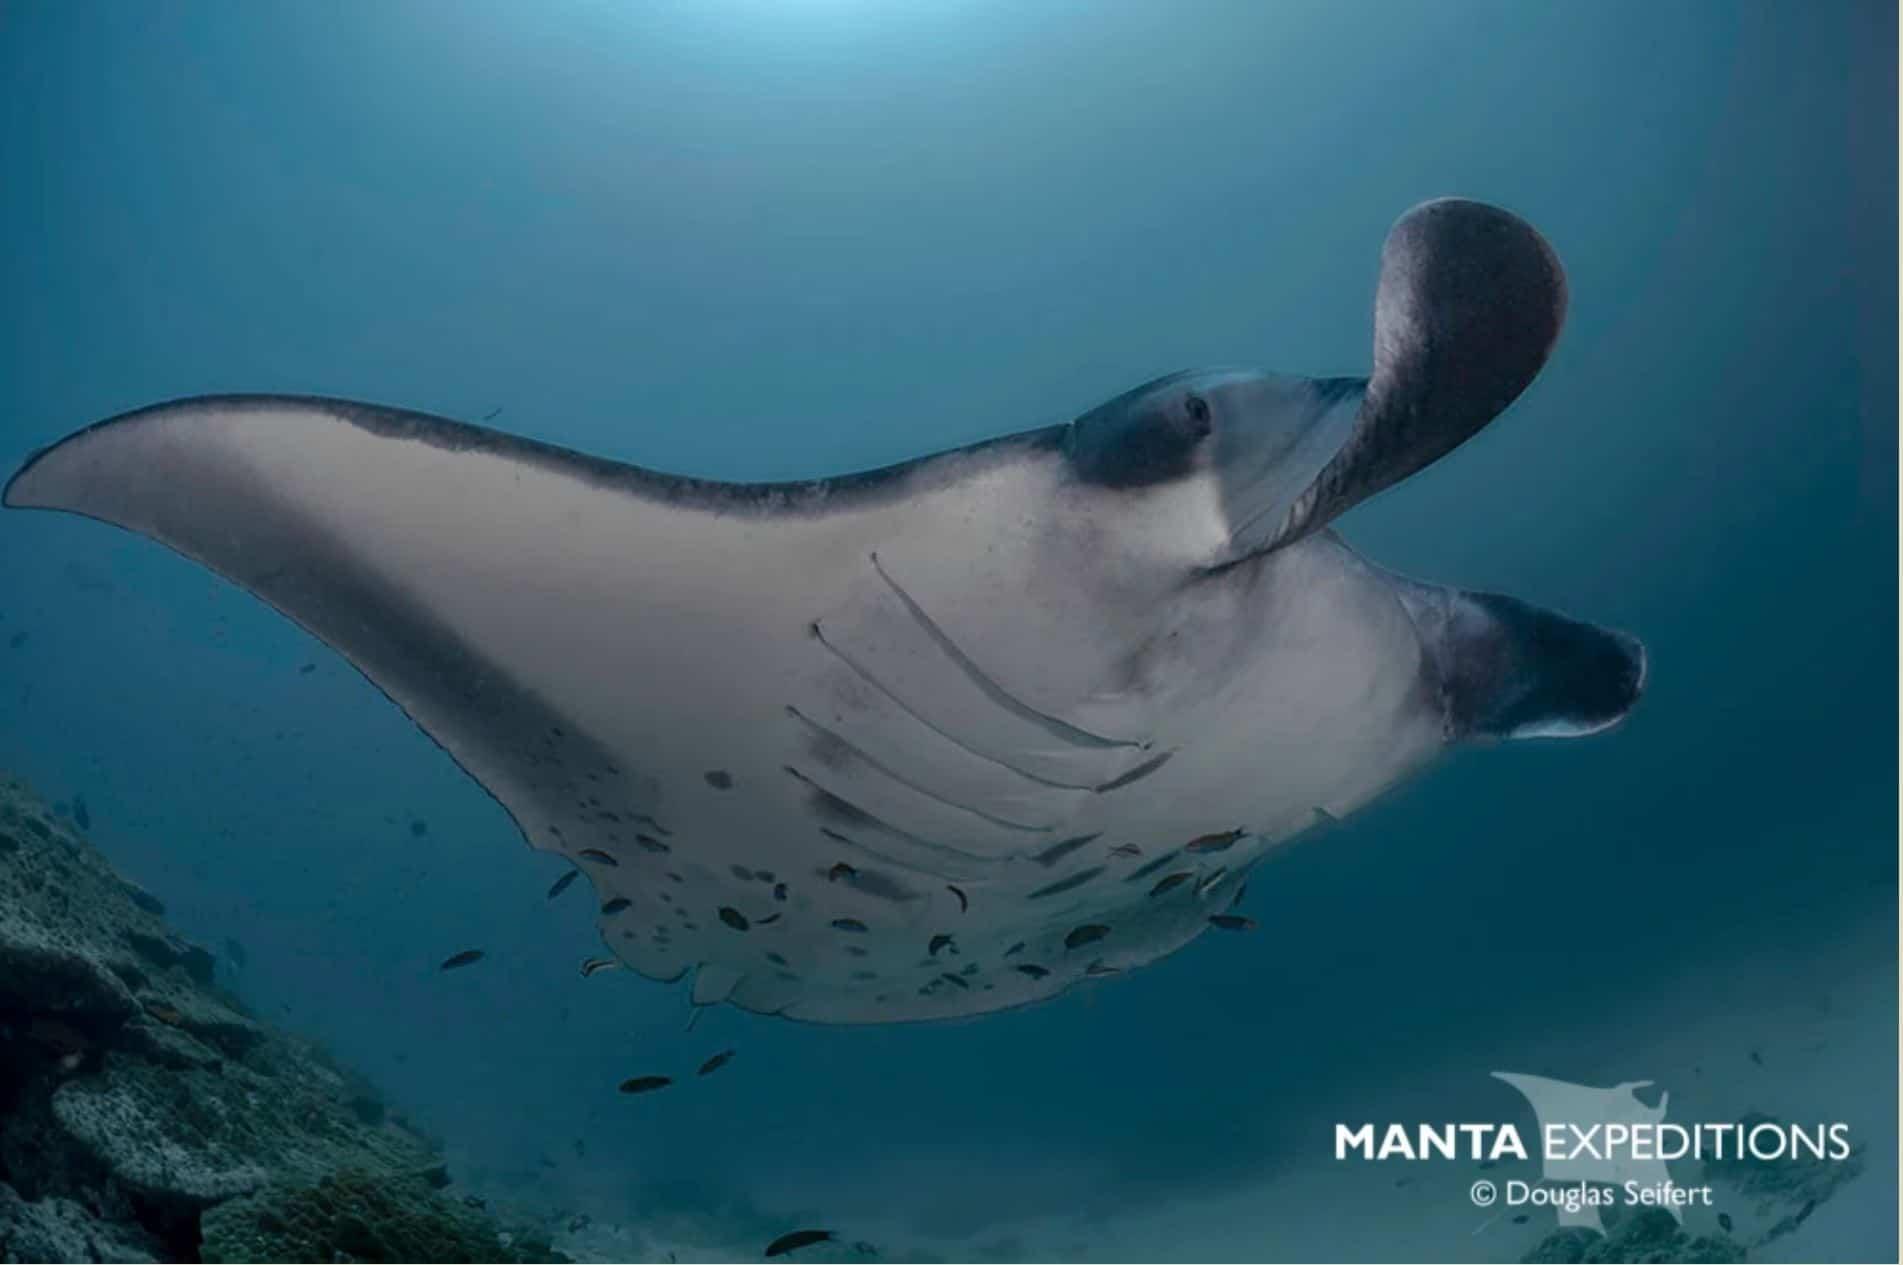 Die majestätischen Manta-Rochen werden immer seltener. Umso wichtiger die Arbeit der Manta Trust Organisation